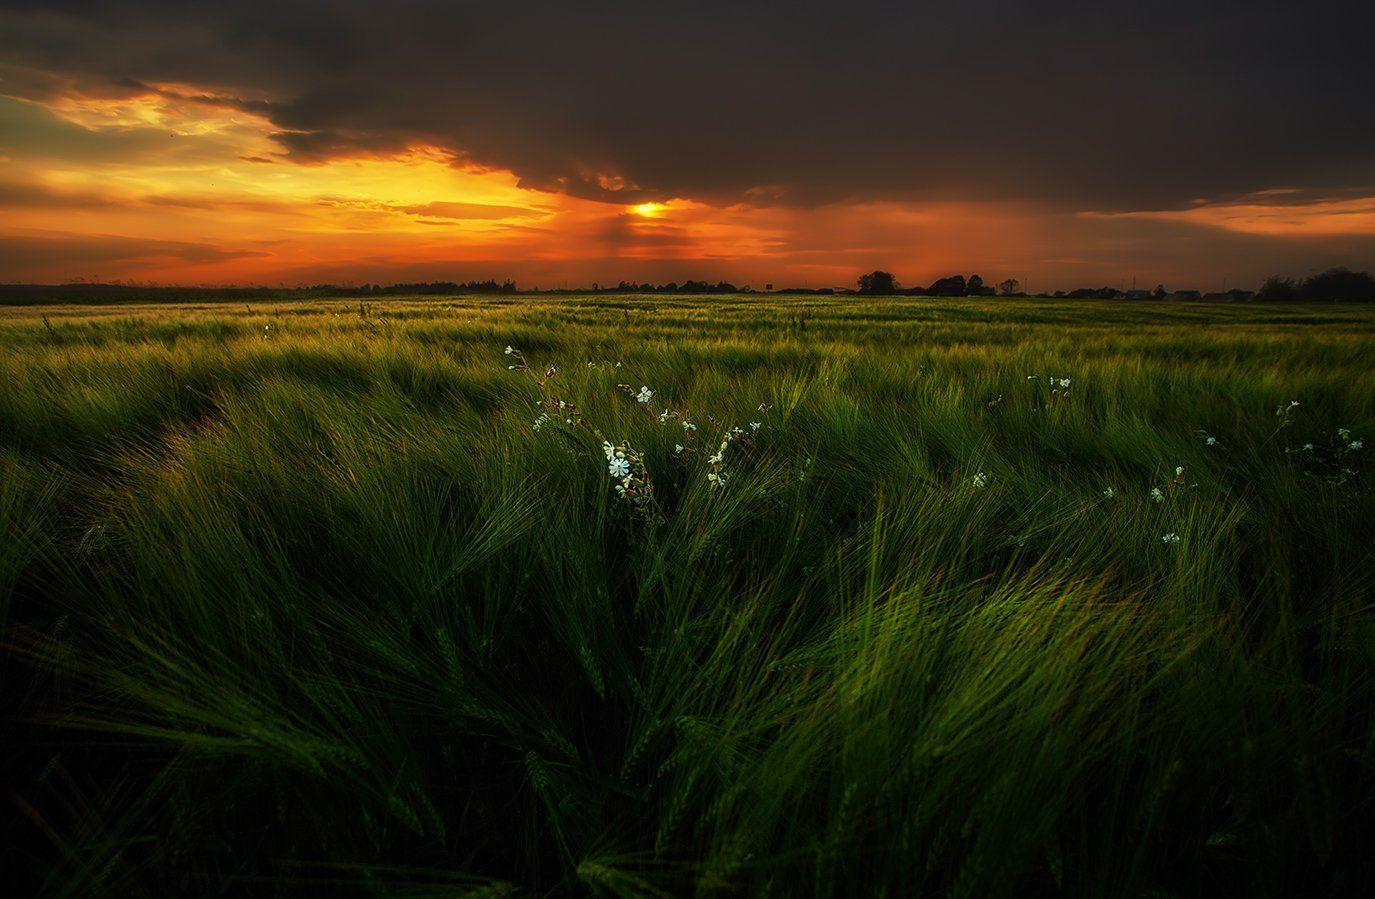 Field, Storm, Summer, Sunset, Гроза, Закат, Лето, Эстония, Kljuchenkow Aleksandr